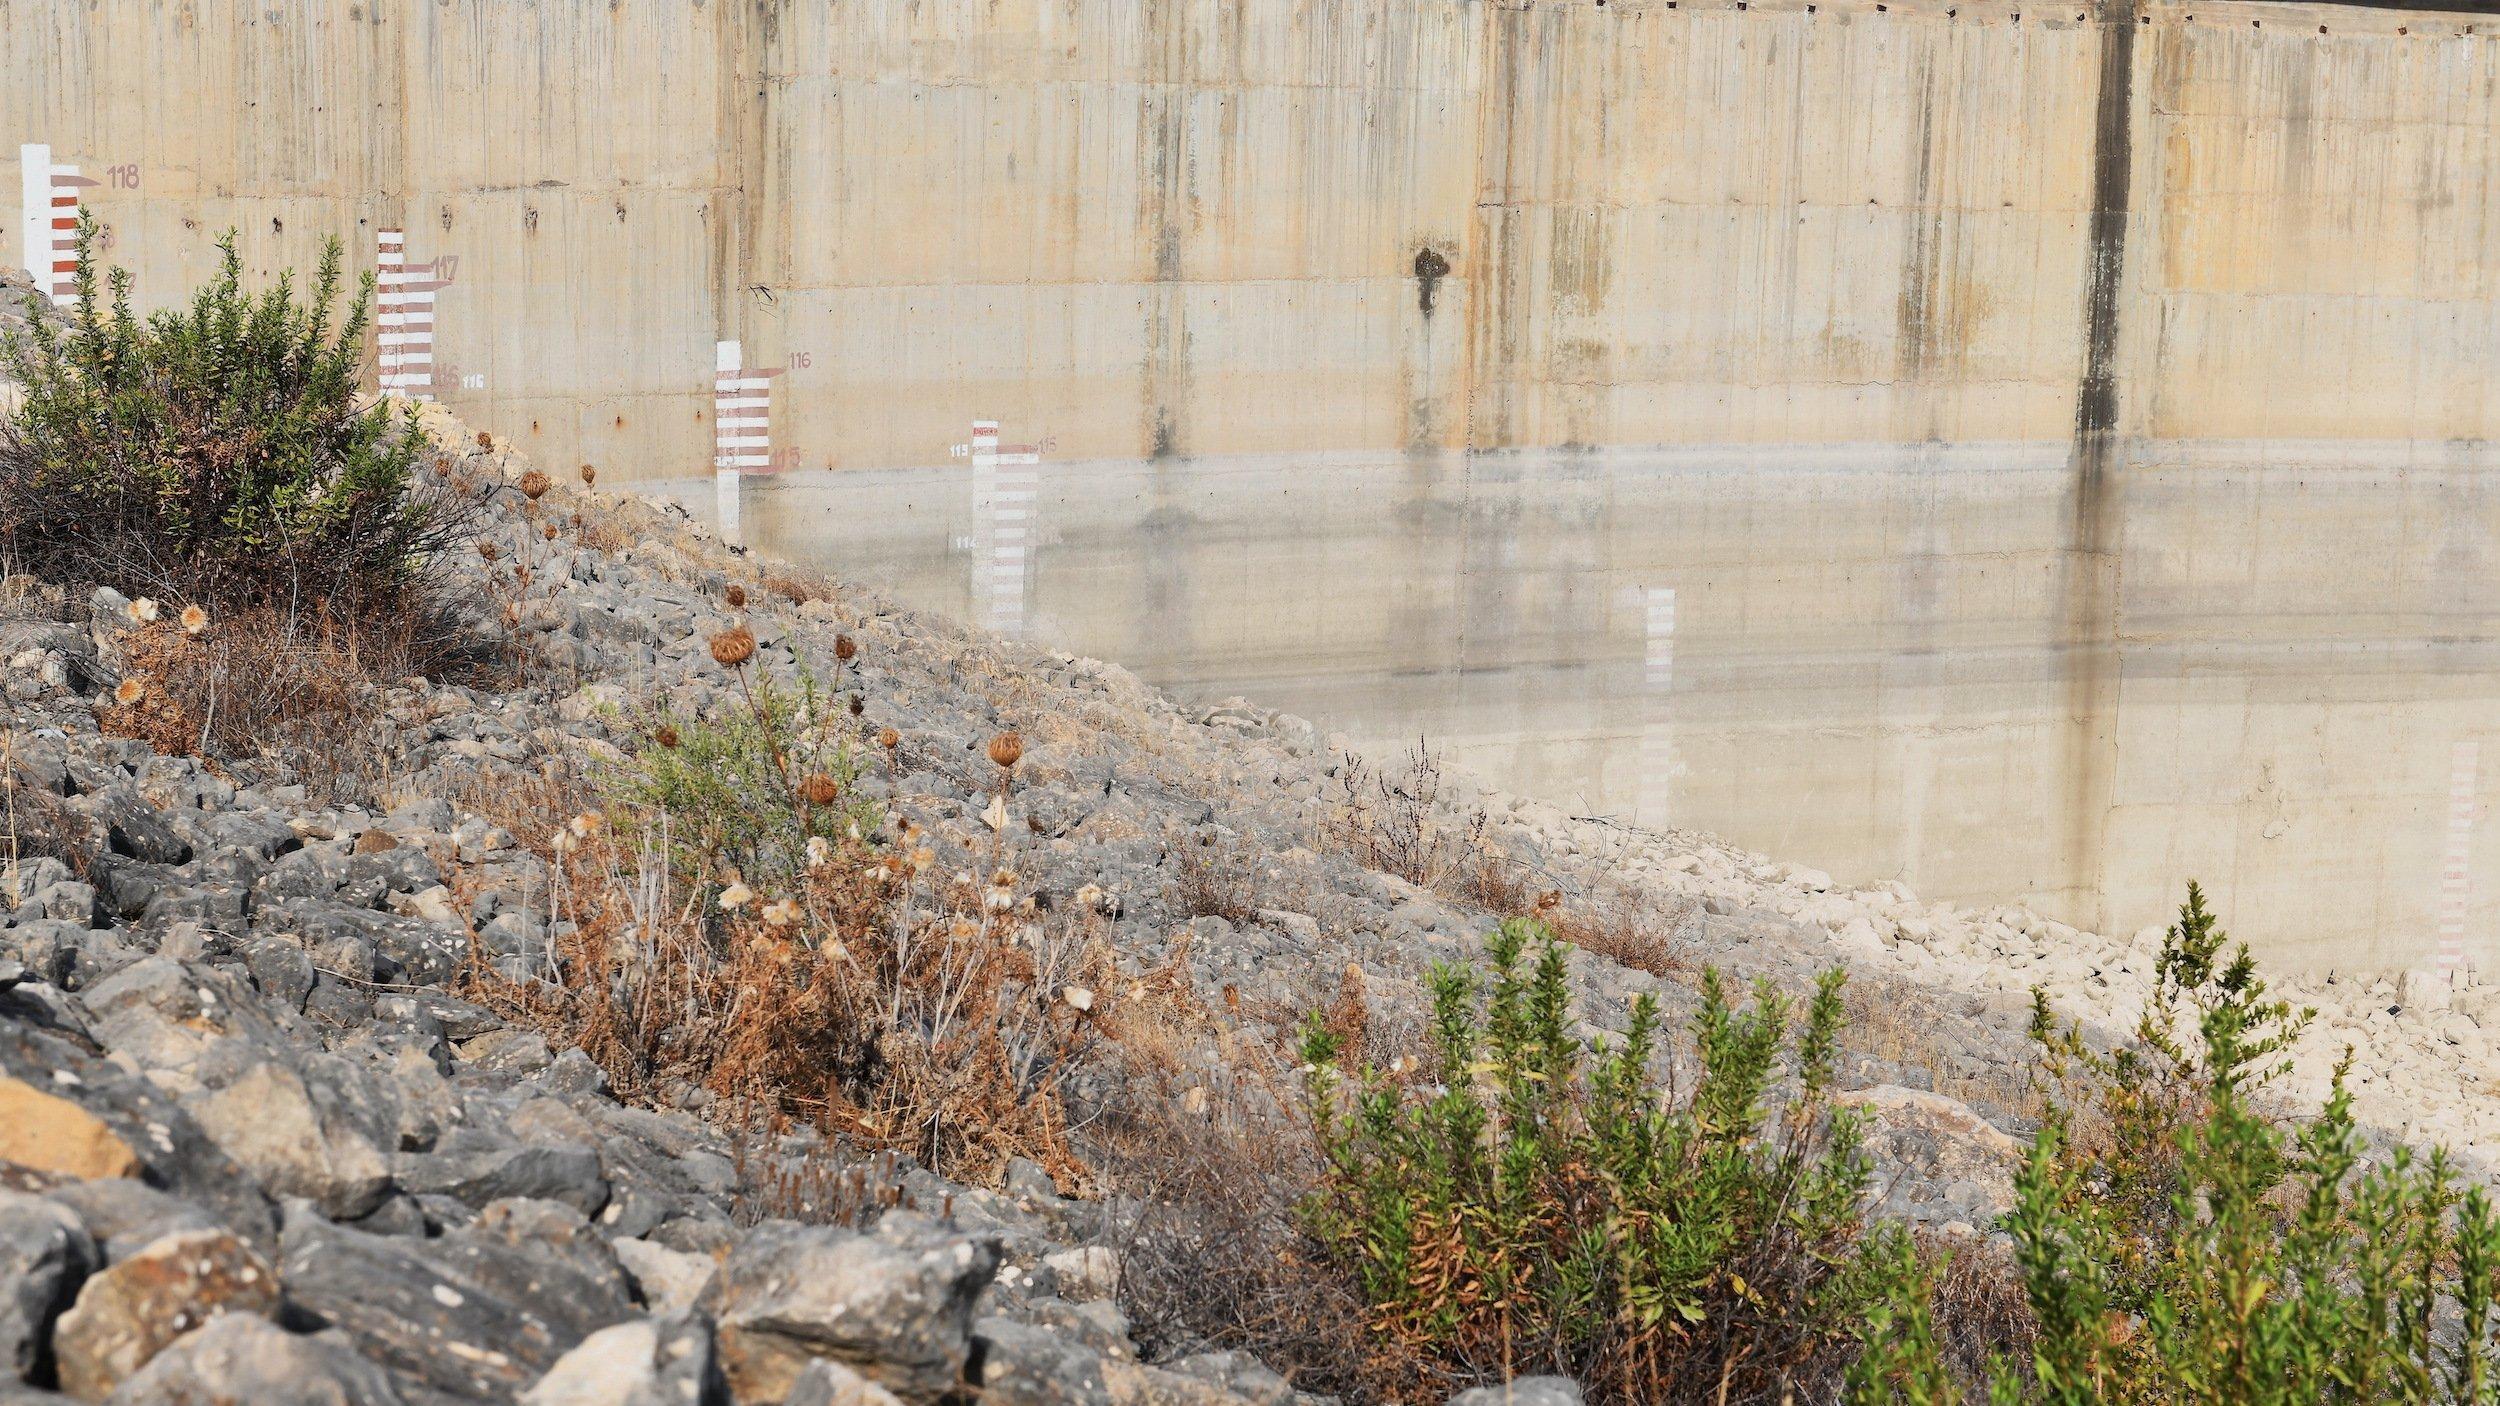 An der Mauer eines Staudamms sind die Spuren des Wasserstands vergangener Jahre und verblichene Höhenangaben zu sehen. Im Vordergrund wachsen Büsche auf Kies.